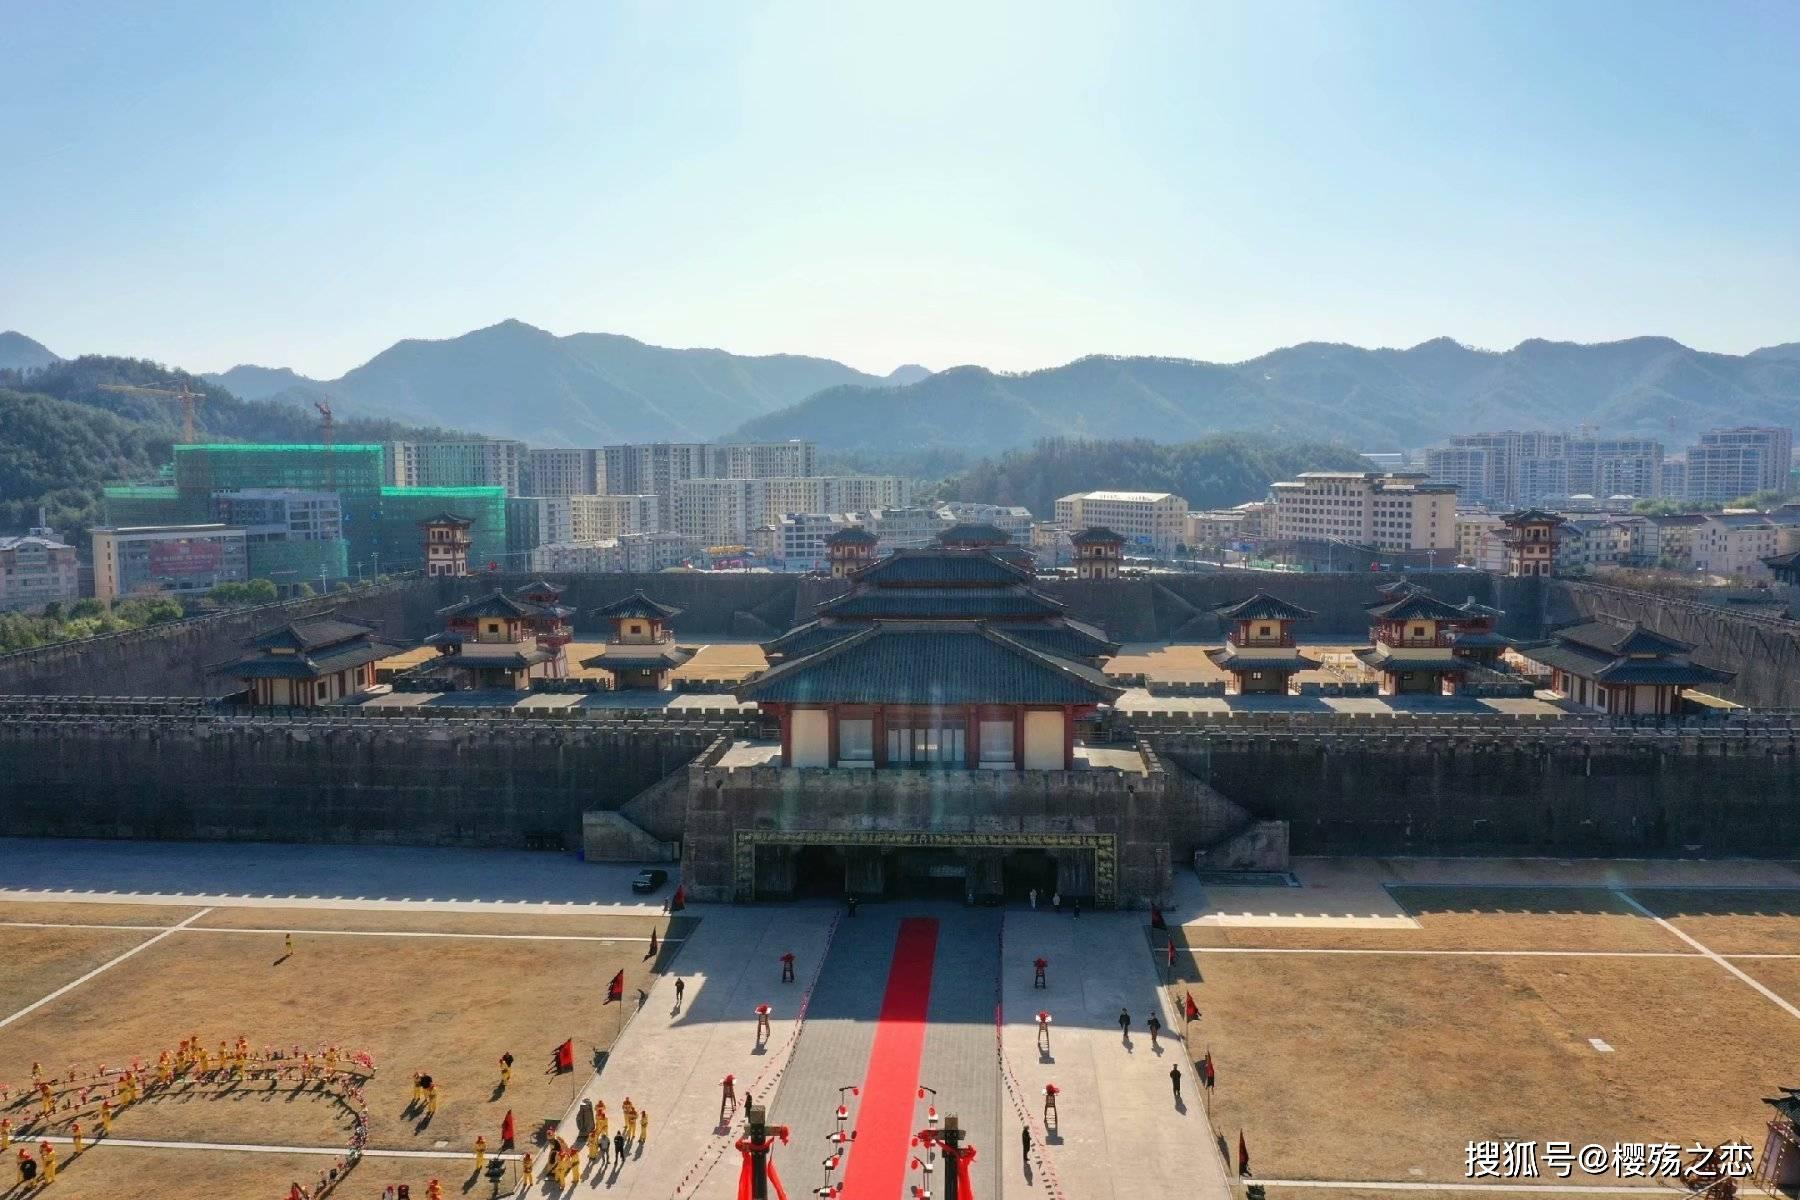 """横店最""""霸气""""的景区,仿照咸阳宫而建,堪称影视大片制造基地"""